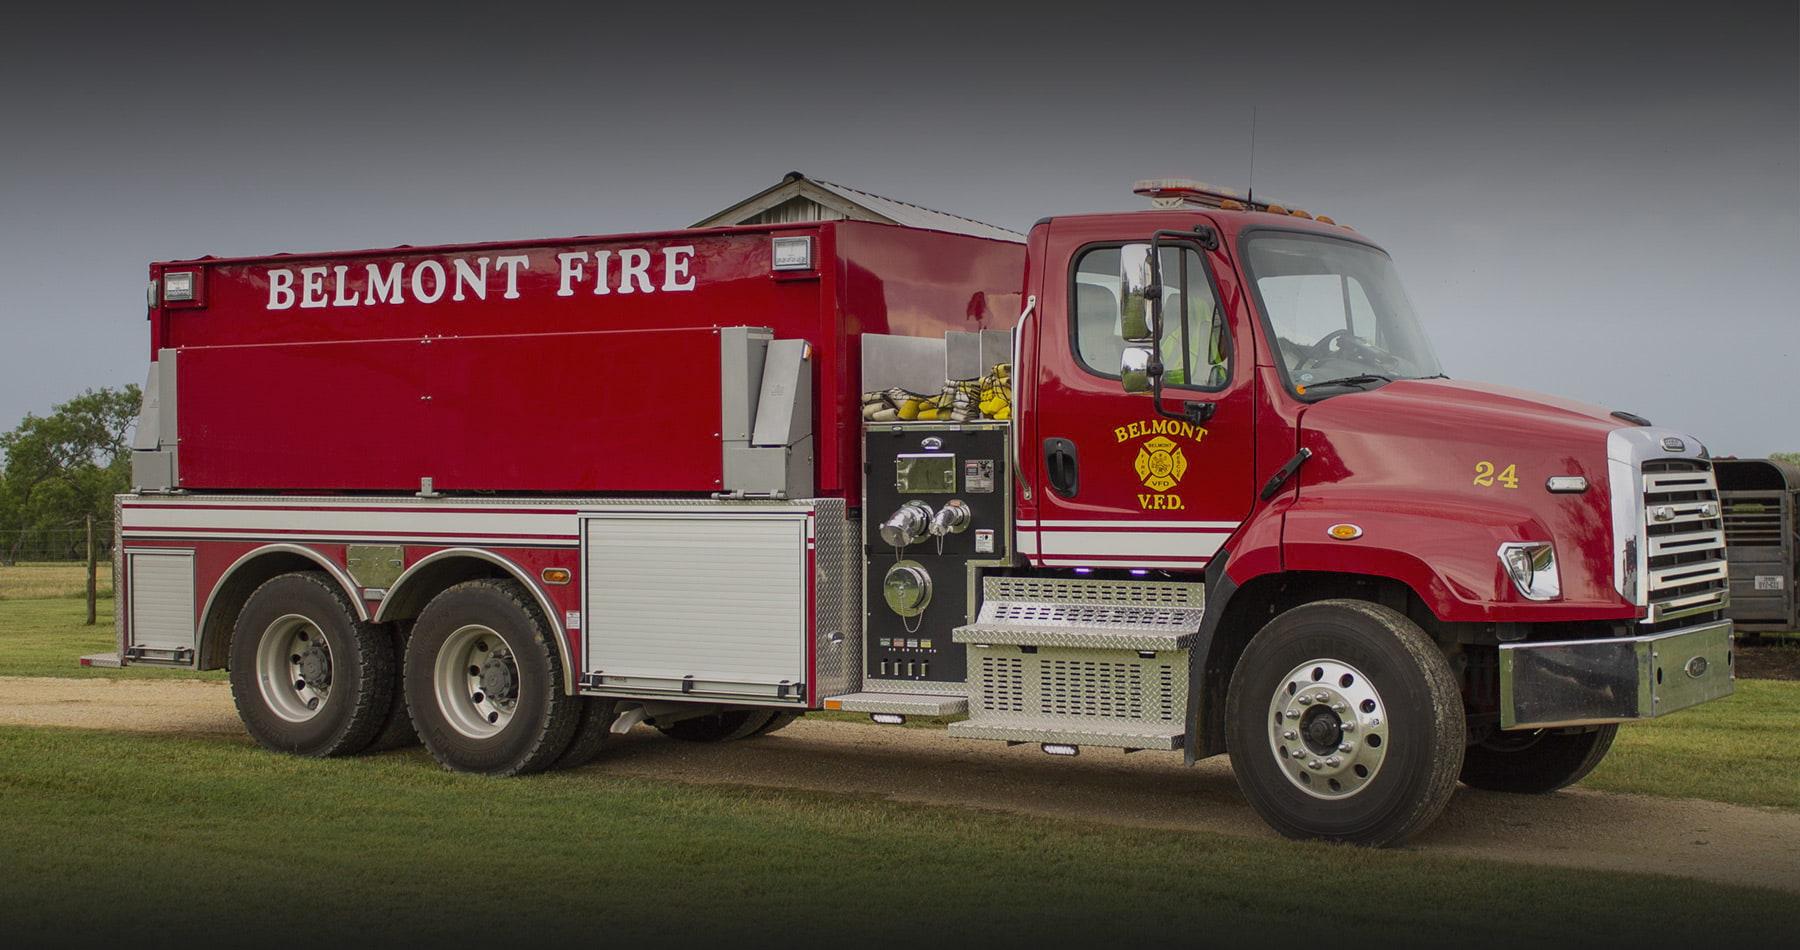 Belmont VFD fire truck